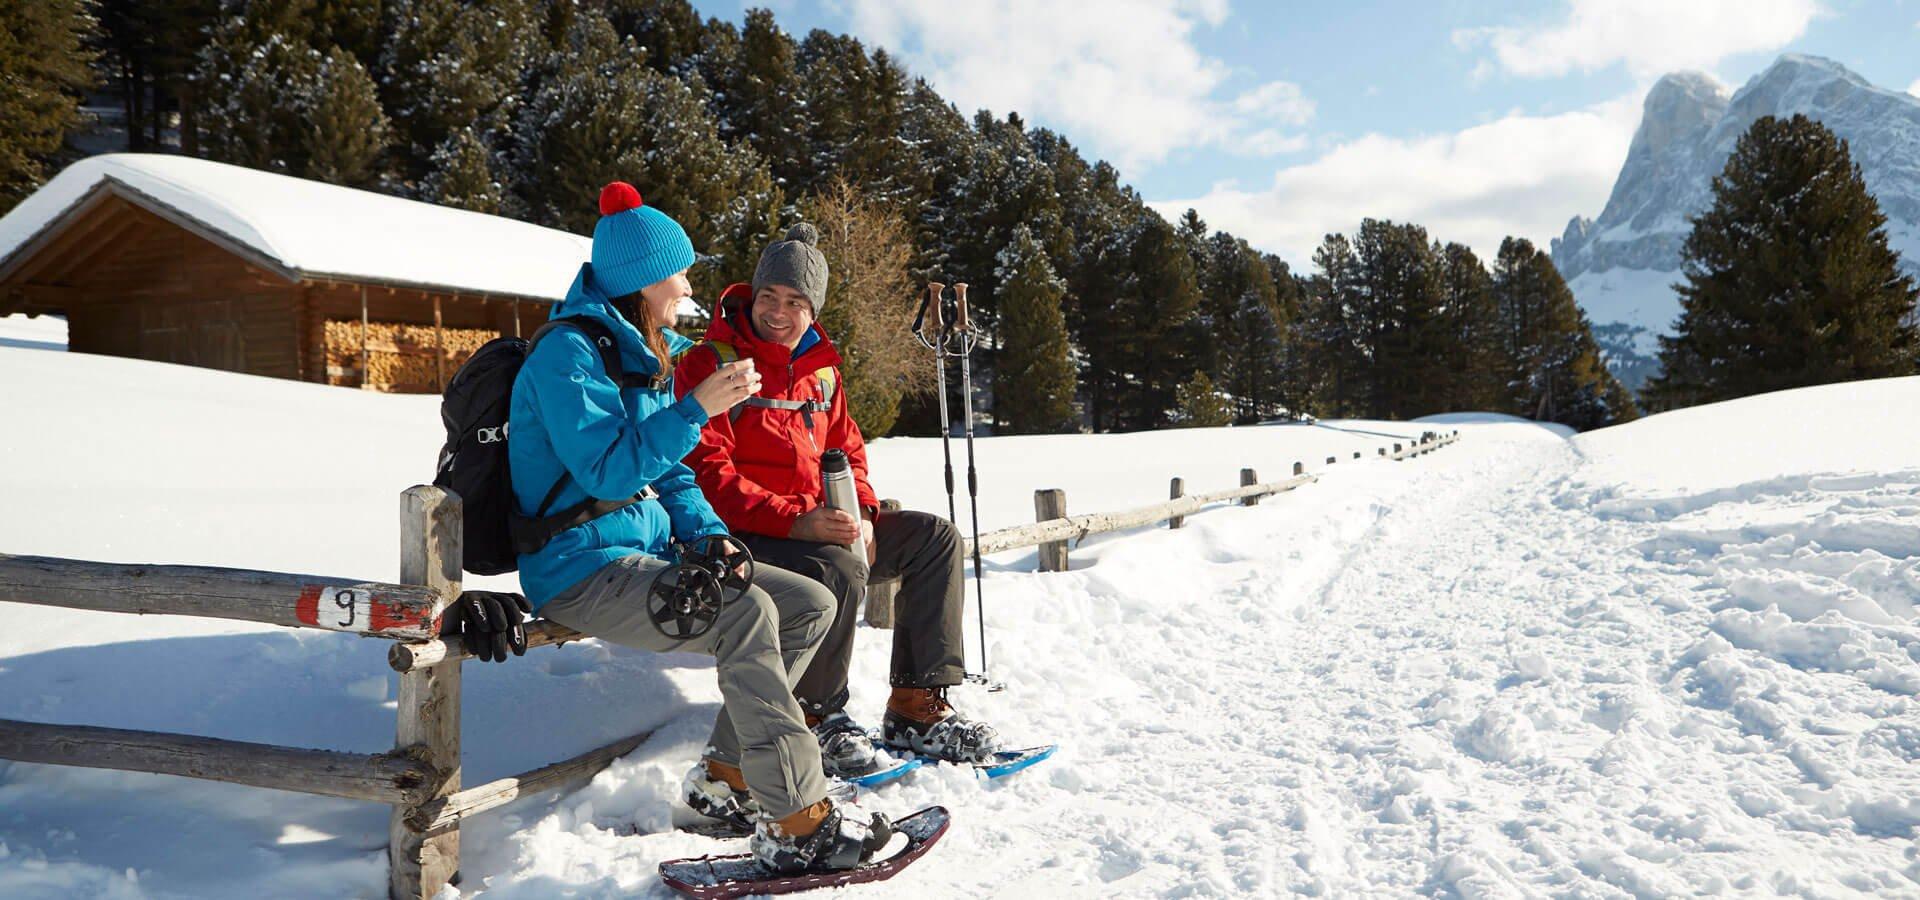 winterwandern-skirulaub-bei-meran